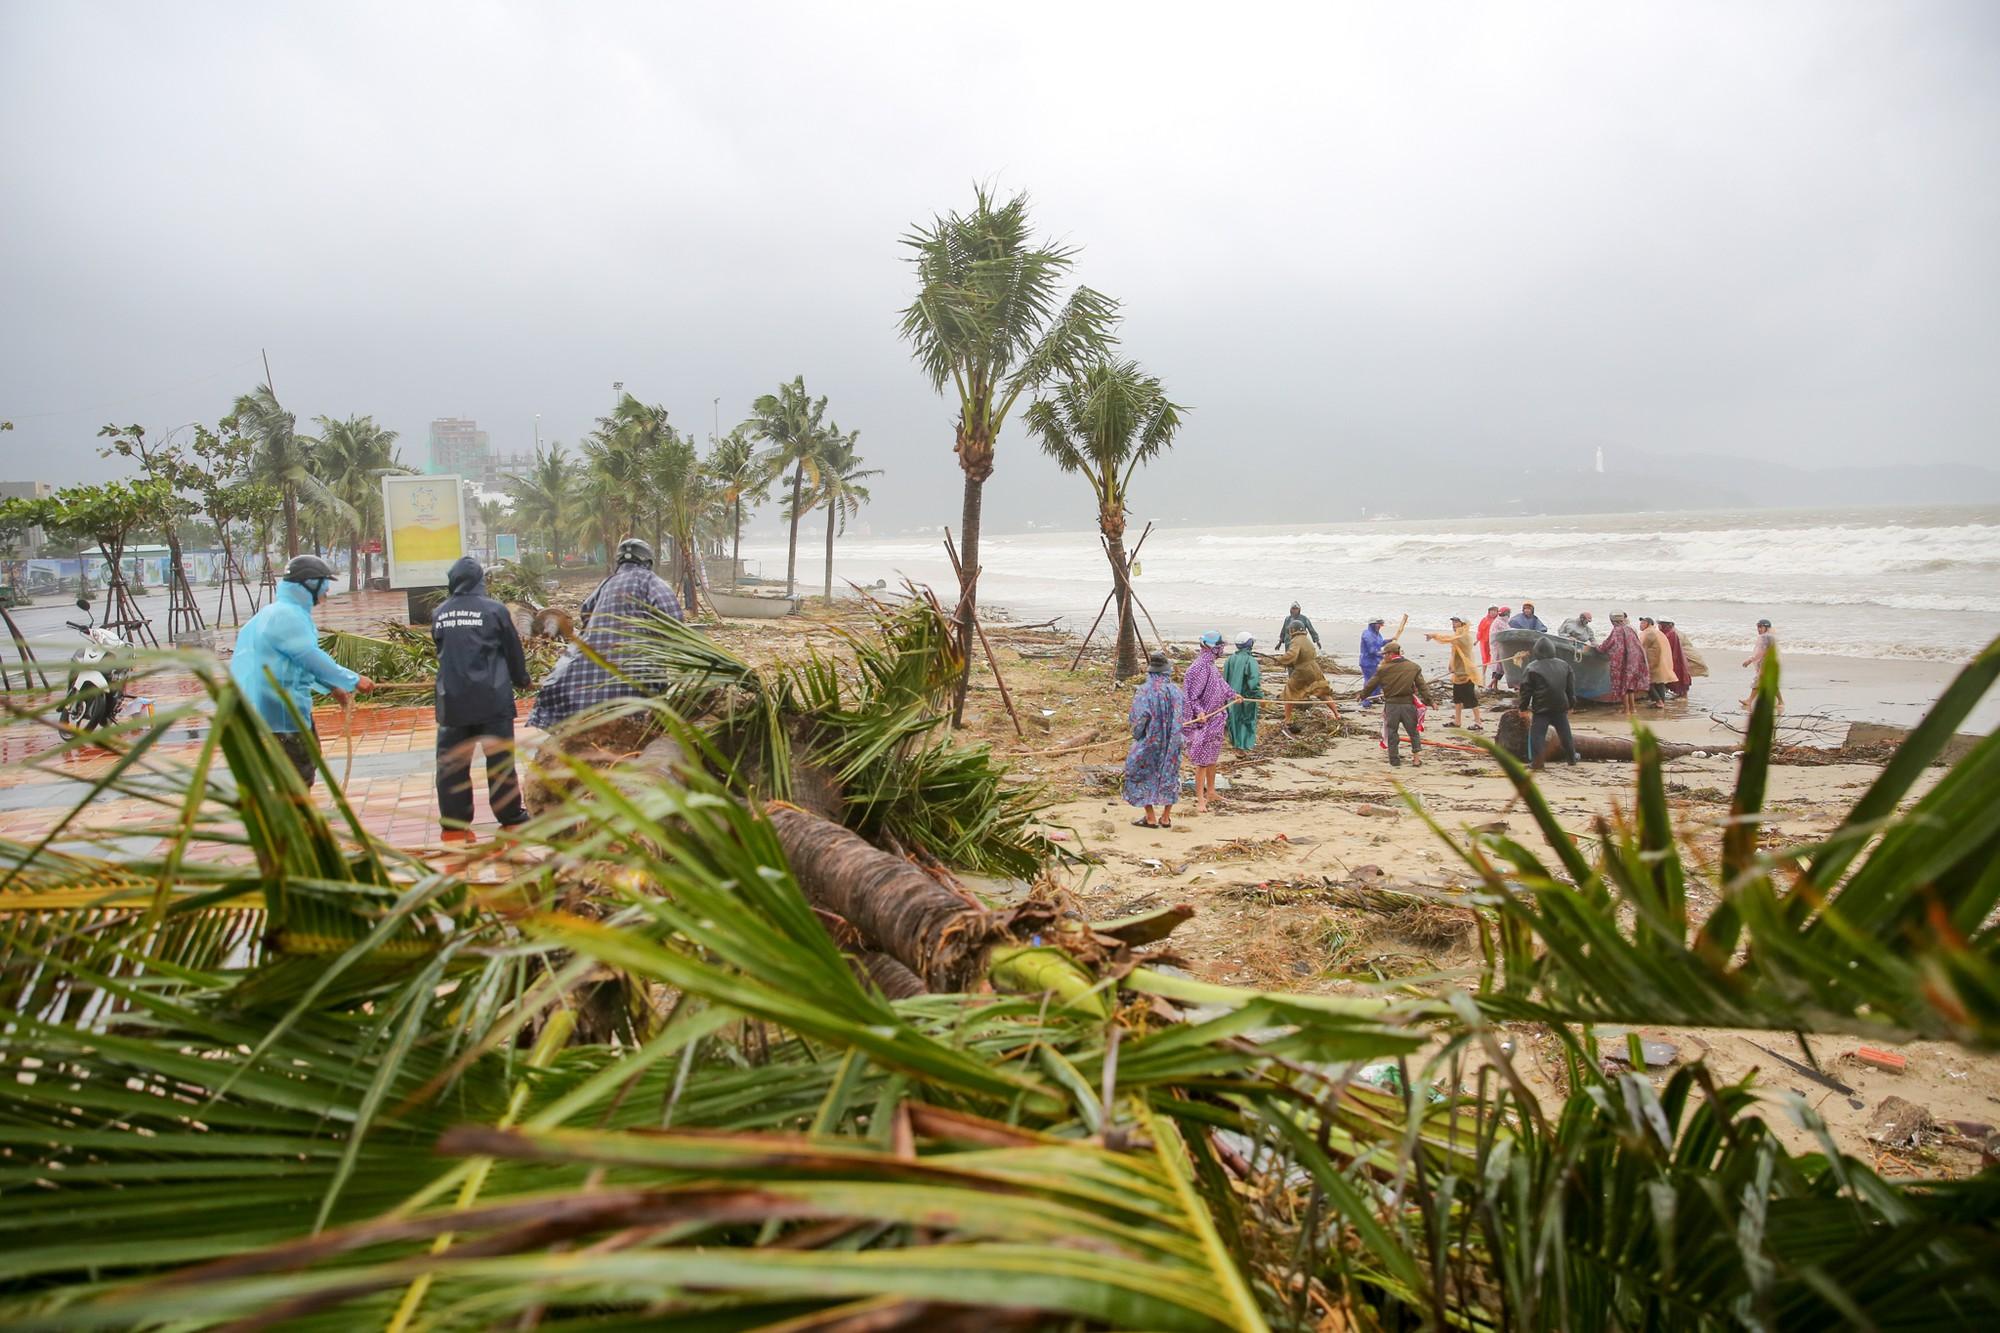 [PHOTO ESSAY] Toàn cảnh Đà Nẵng chạy đua với bão chuẩn bị cho khai mạc APEC - Ảnh 4.